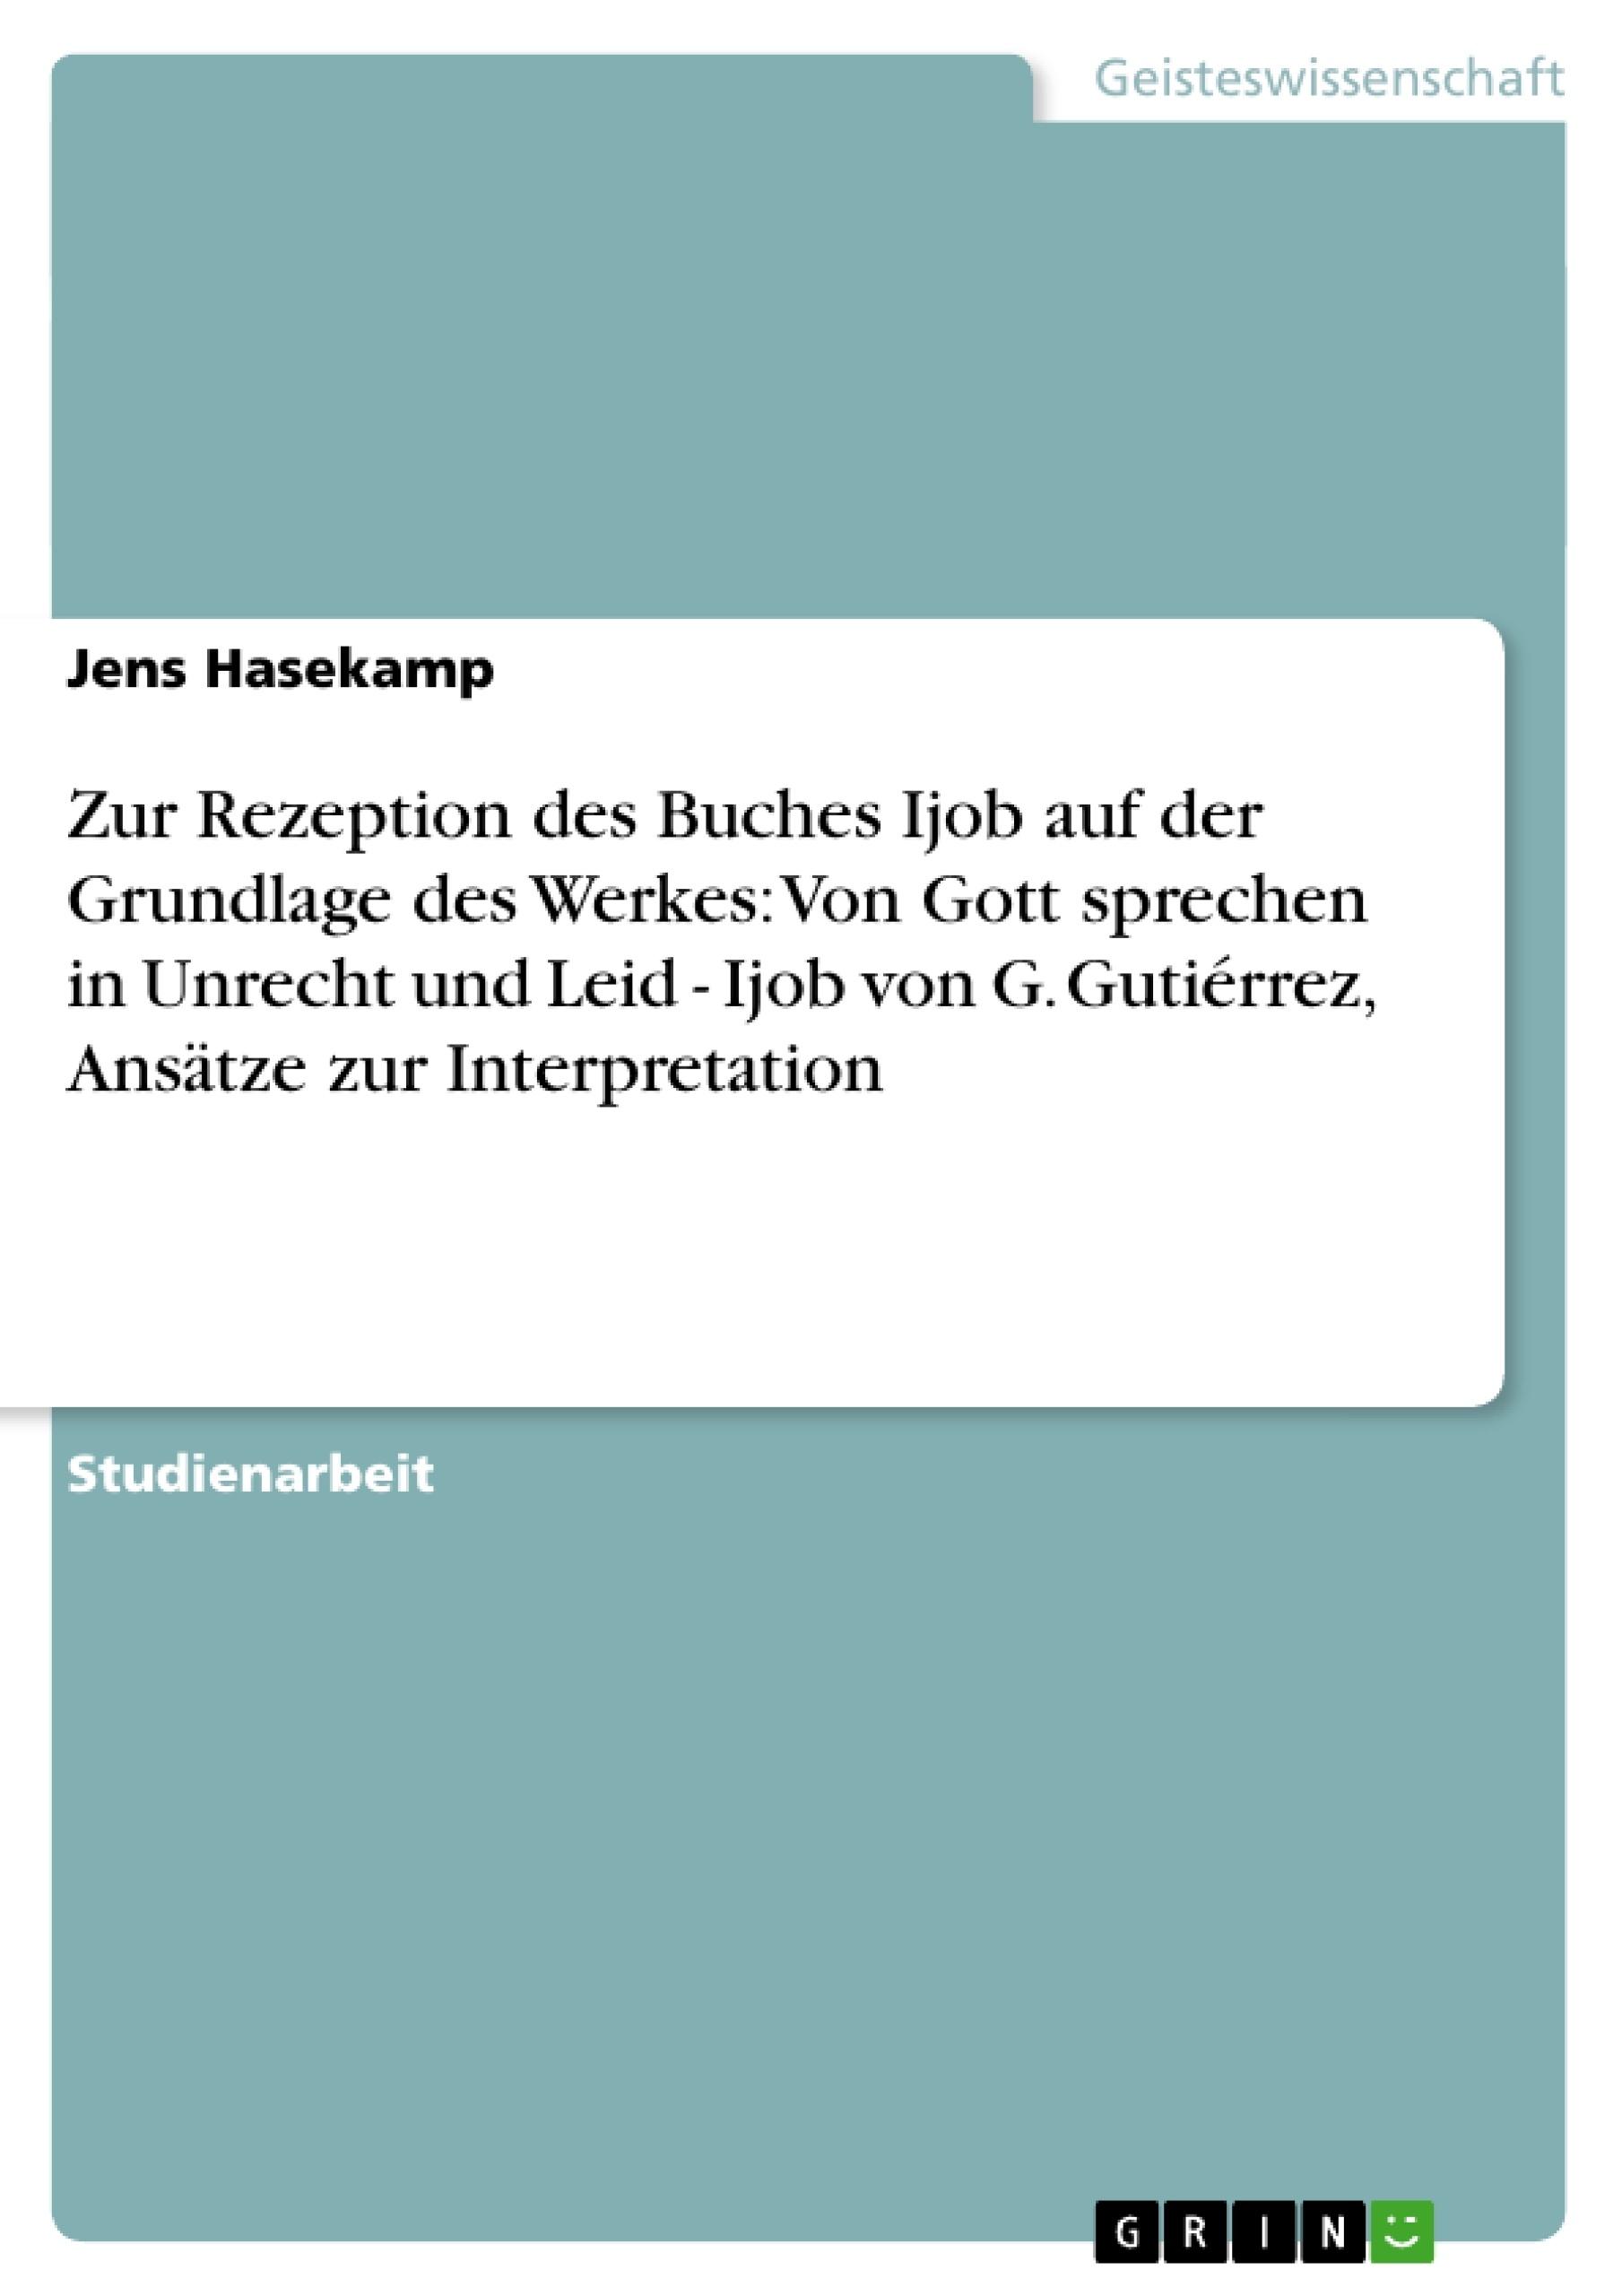 Titel: Zur Rezeption des Buches Ijob auf der Grundlage des Werkes:  Von Gott sprechen in Unrecht und Leid - Ijob  von G. Gutiérrez, Ansätze zur Interpretation